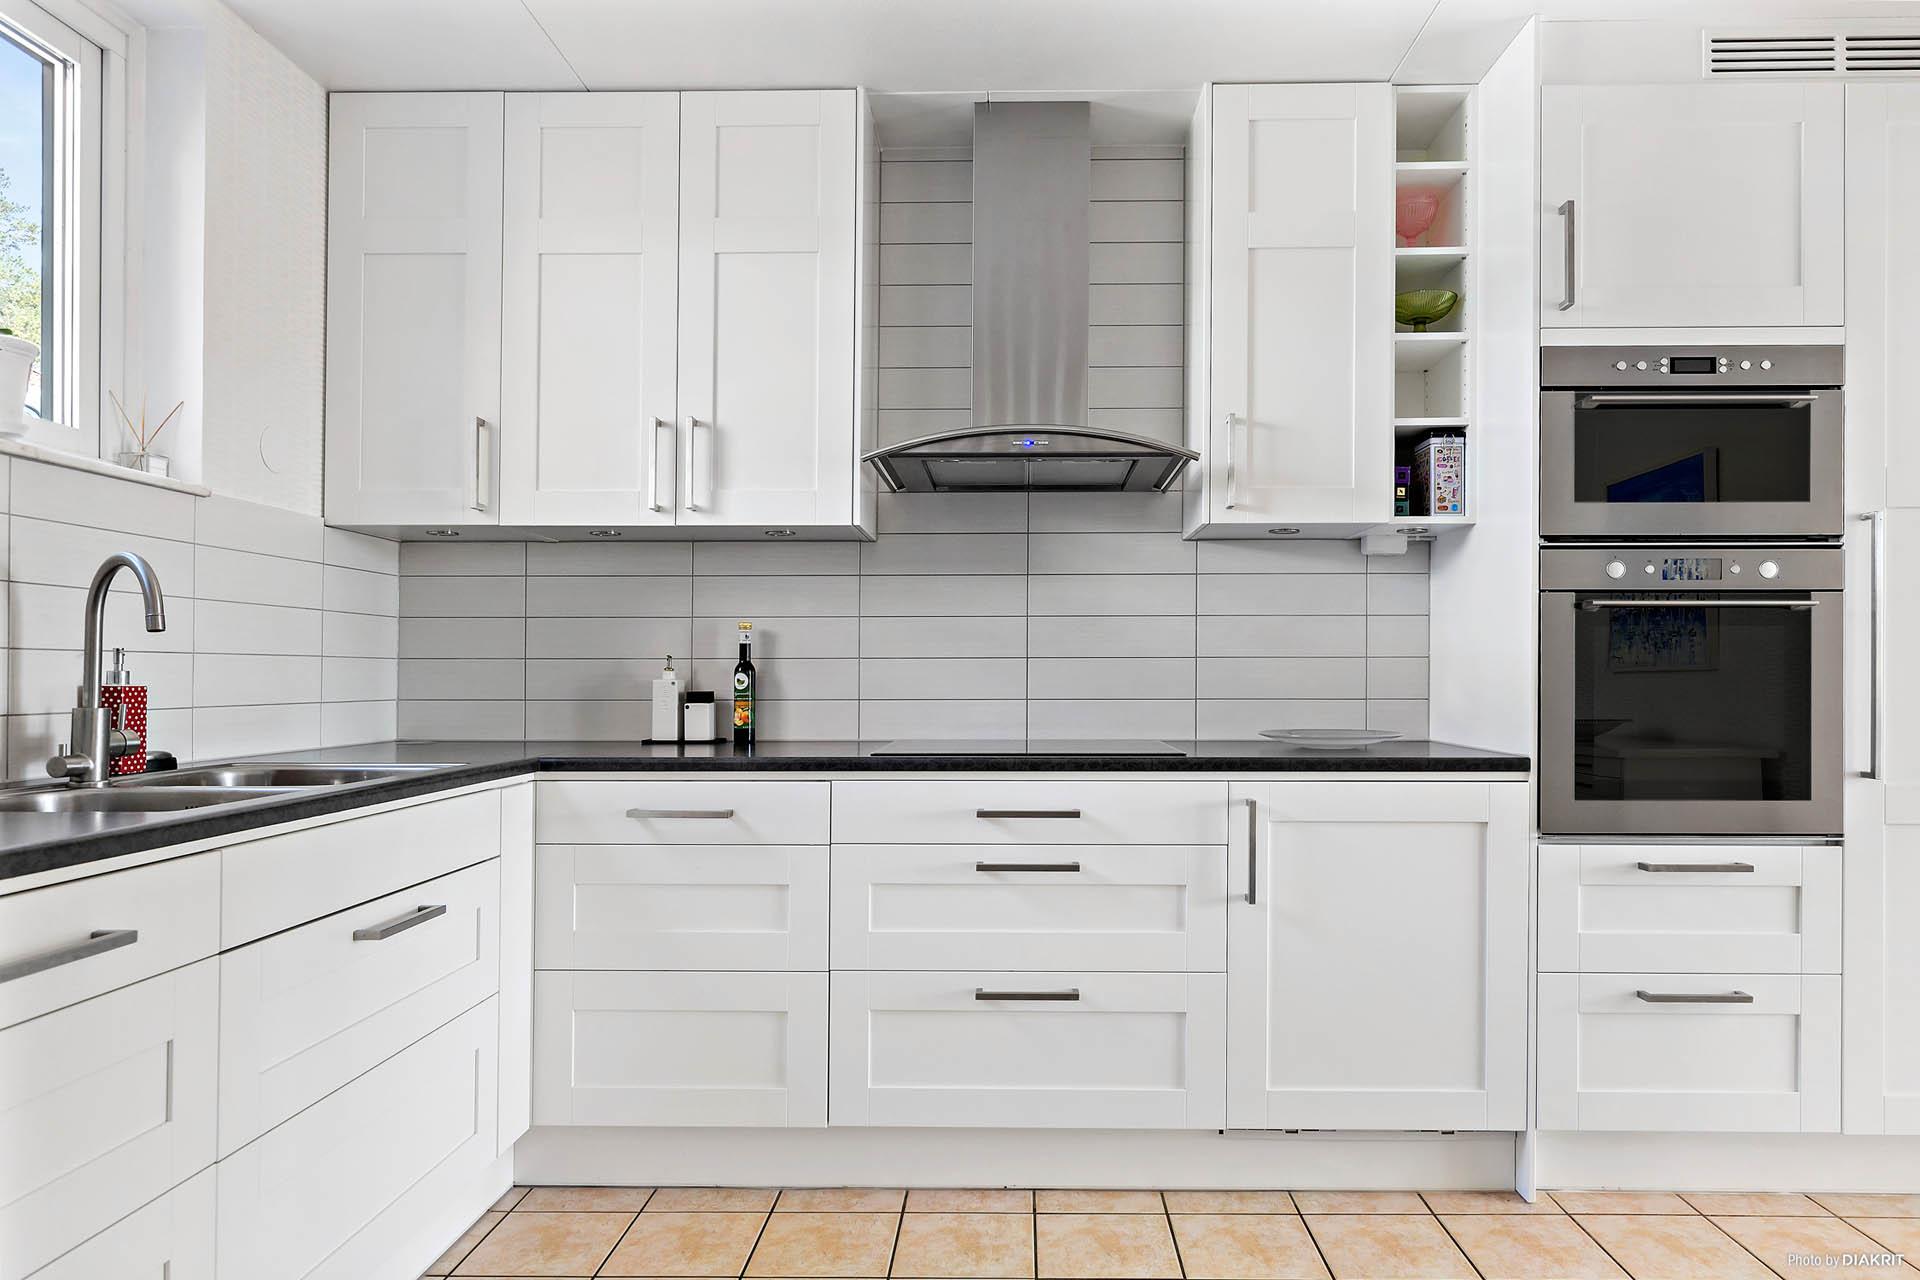 Snyggt renoverat kök